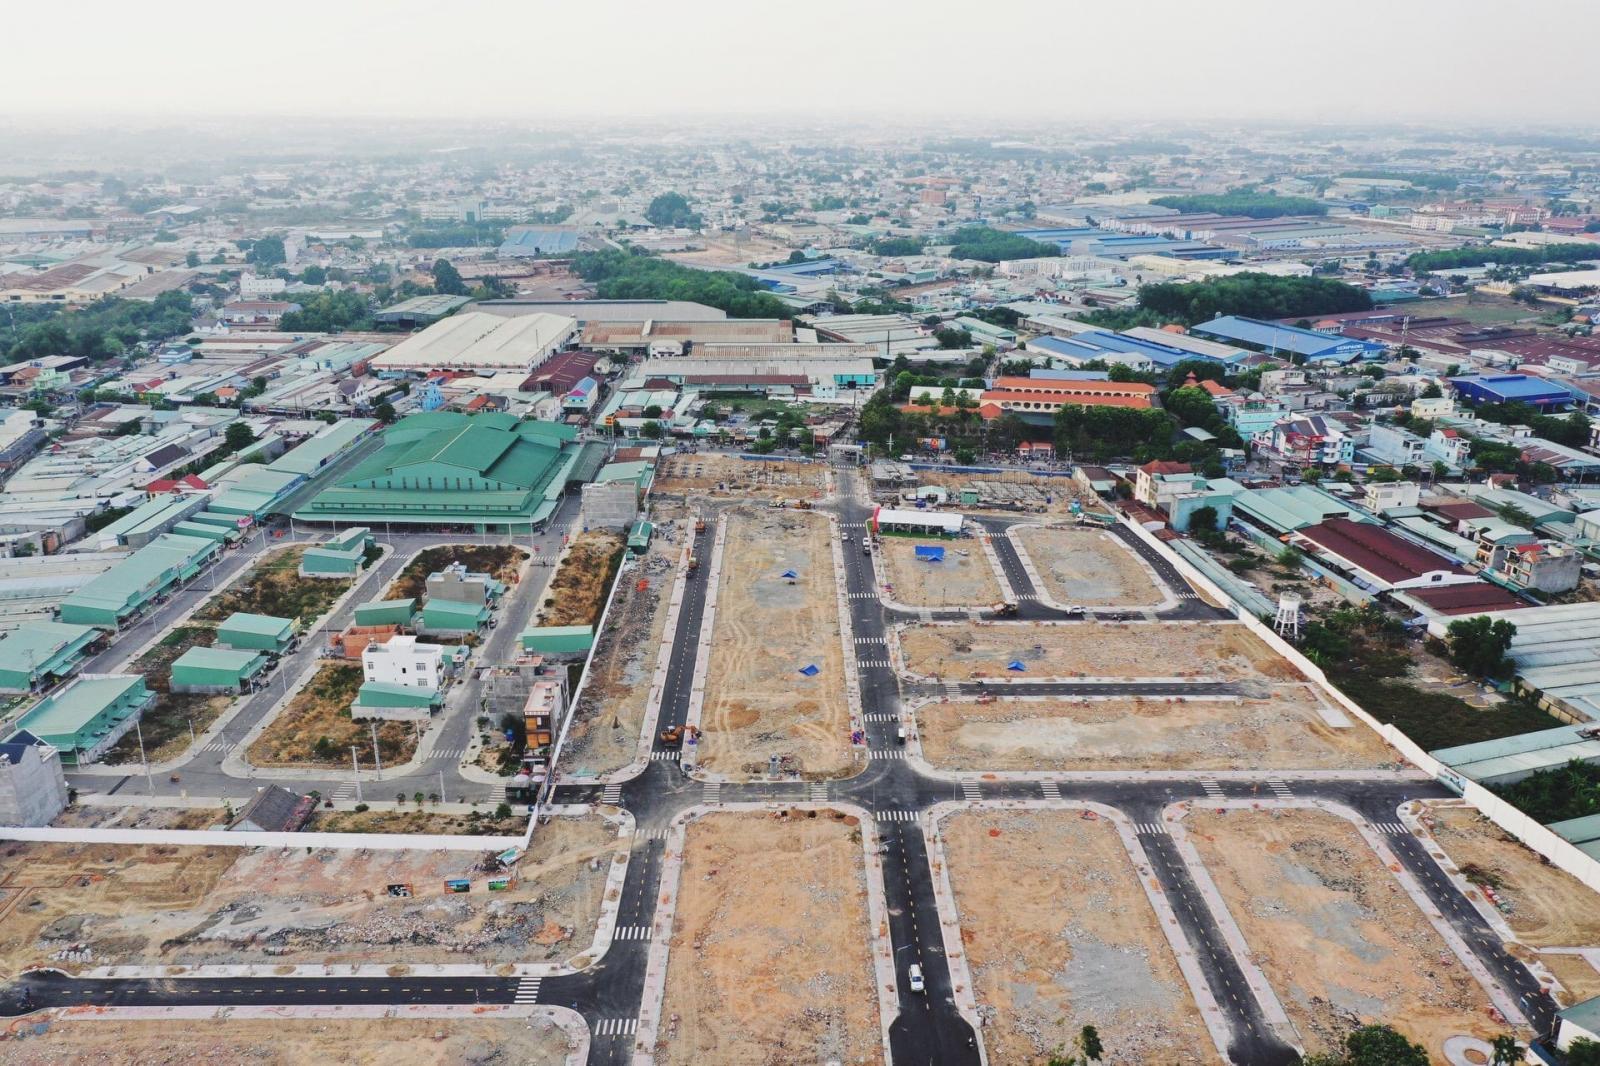 Hình ảnh đất nền dự án và khu dân cư